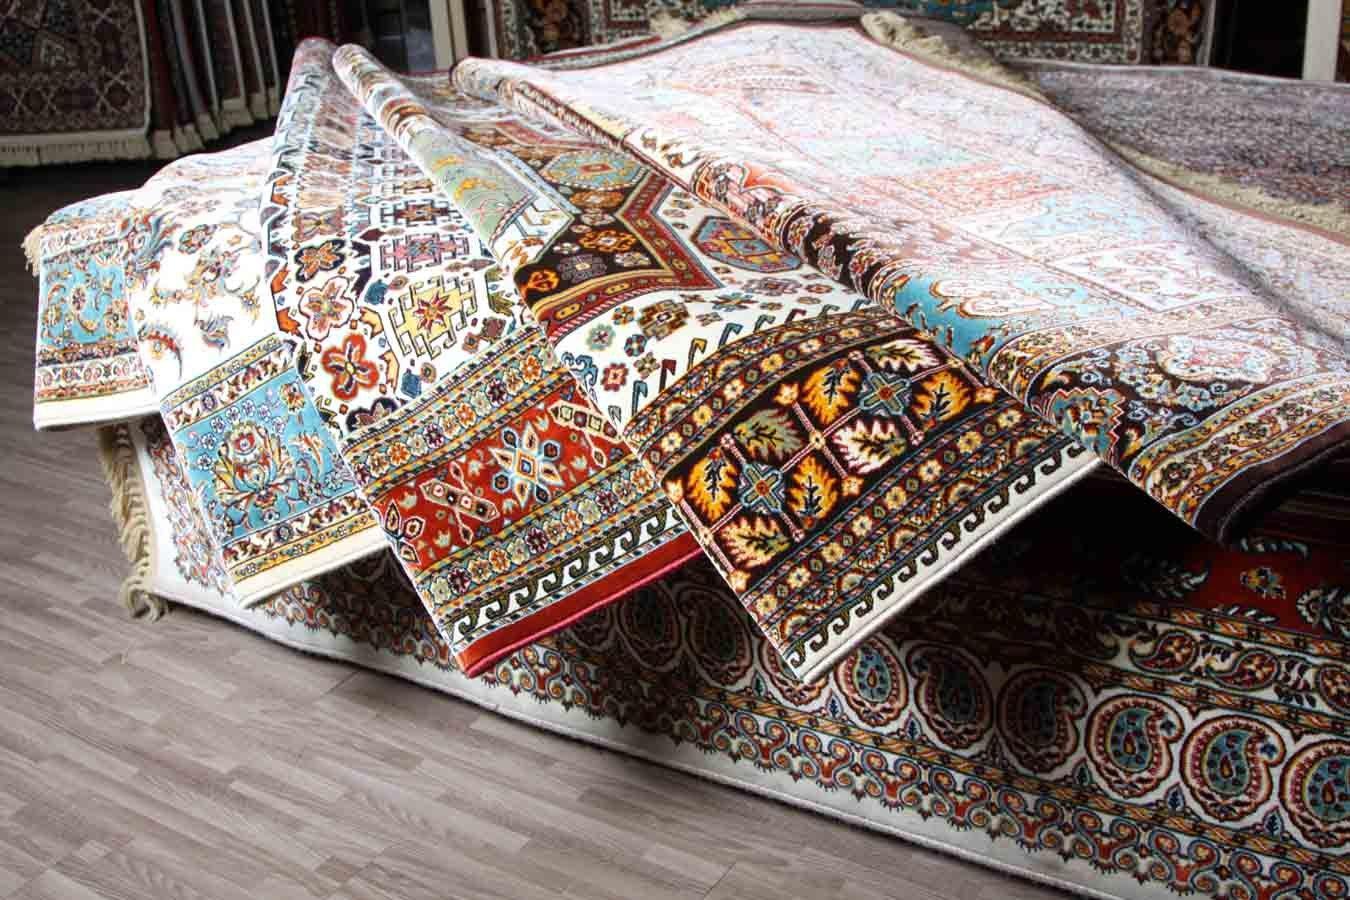 لیست فرش فروشی های استان آذربایجان شرقی